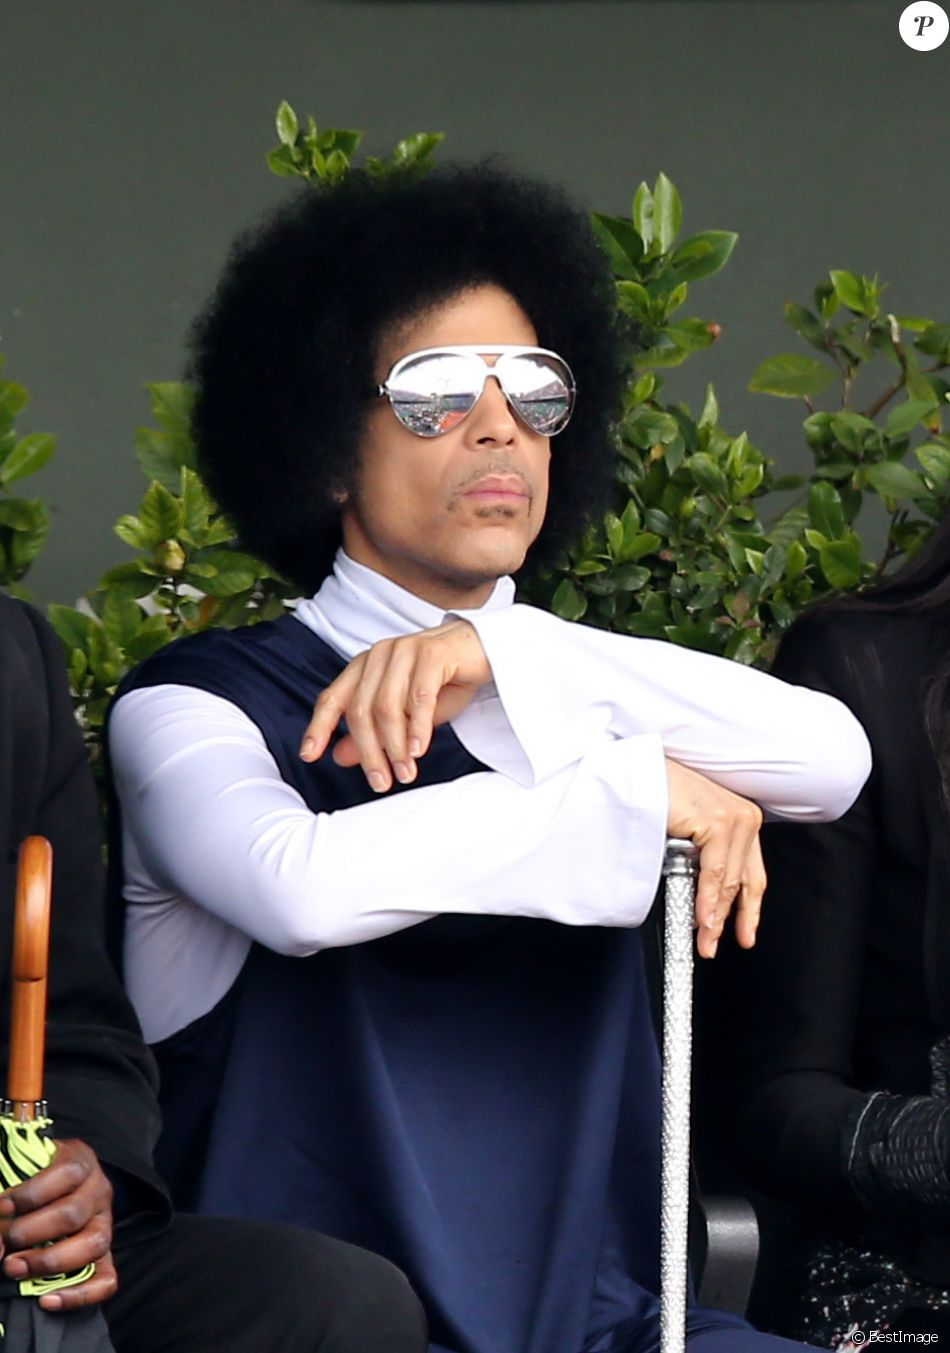 Le chanteur Prince assiste au match entre Rafael Nadal et Dusan Lajovic lors des Internationaux de France de tennis de Roland Garros à Paris, le 2 juin 2014.